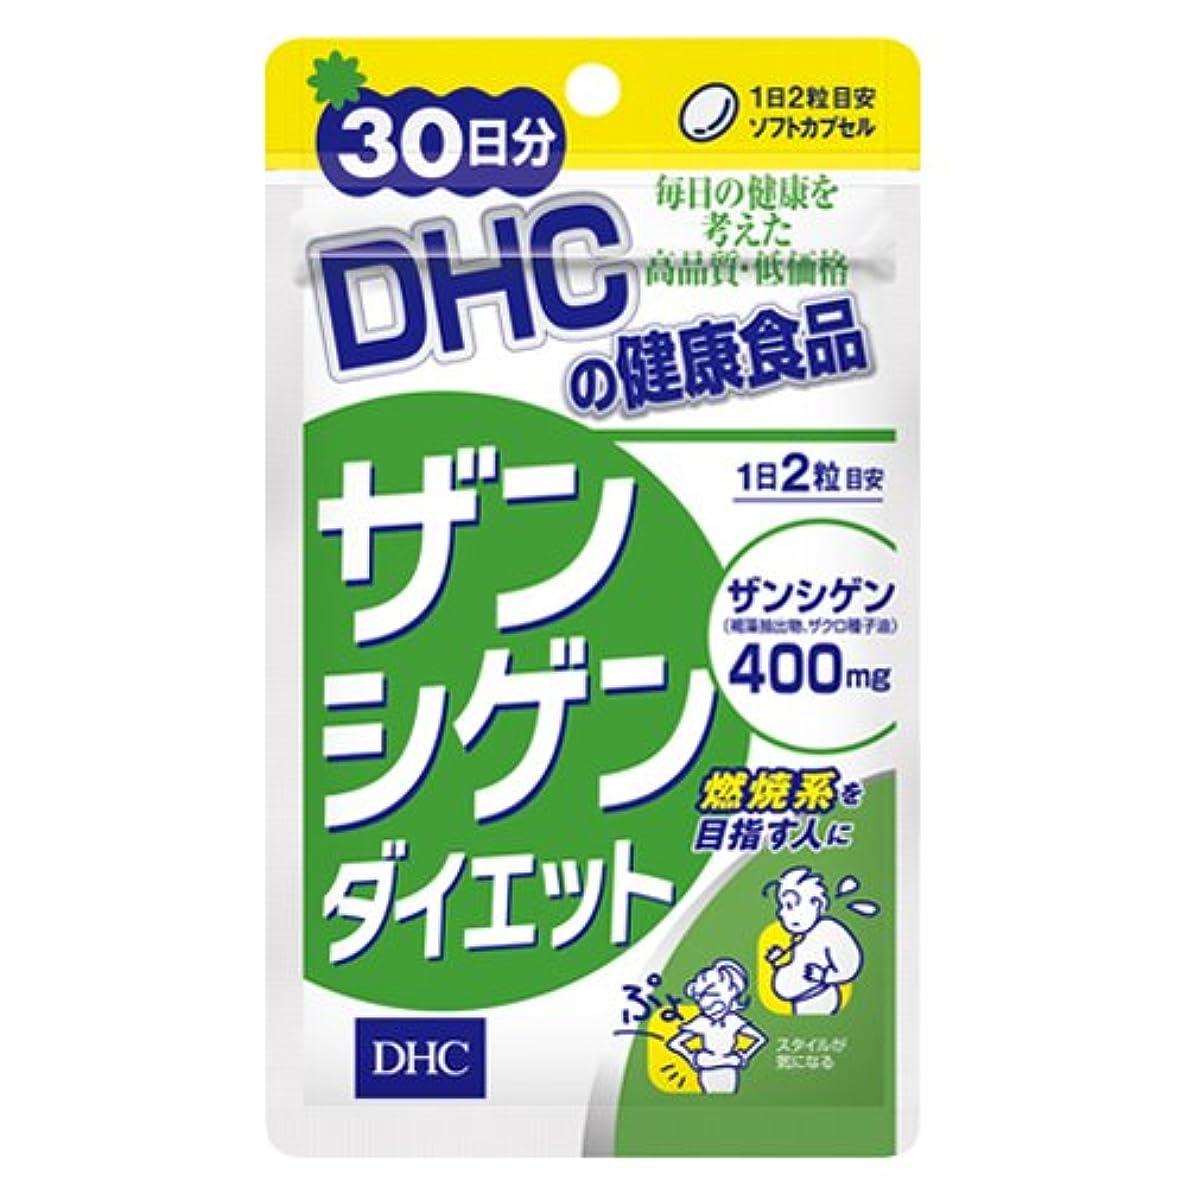 変装した添加用量ザンシゲンダイエット 30日分